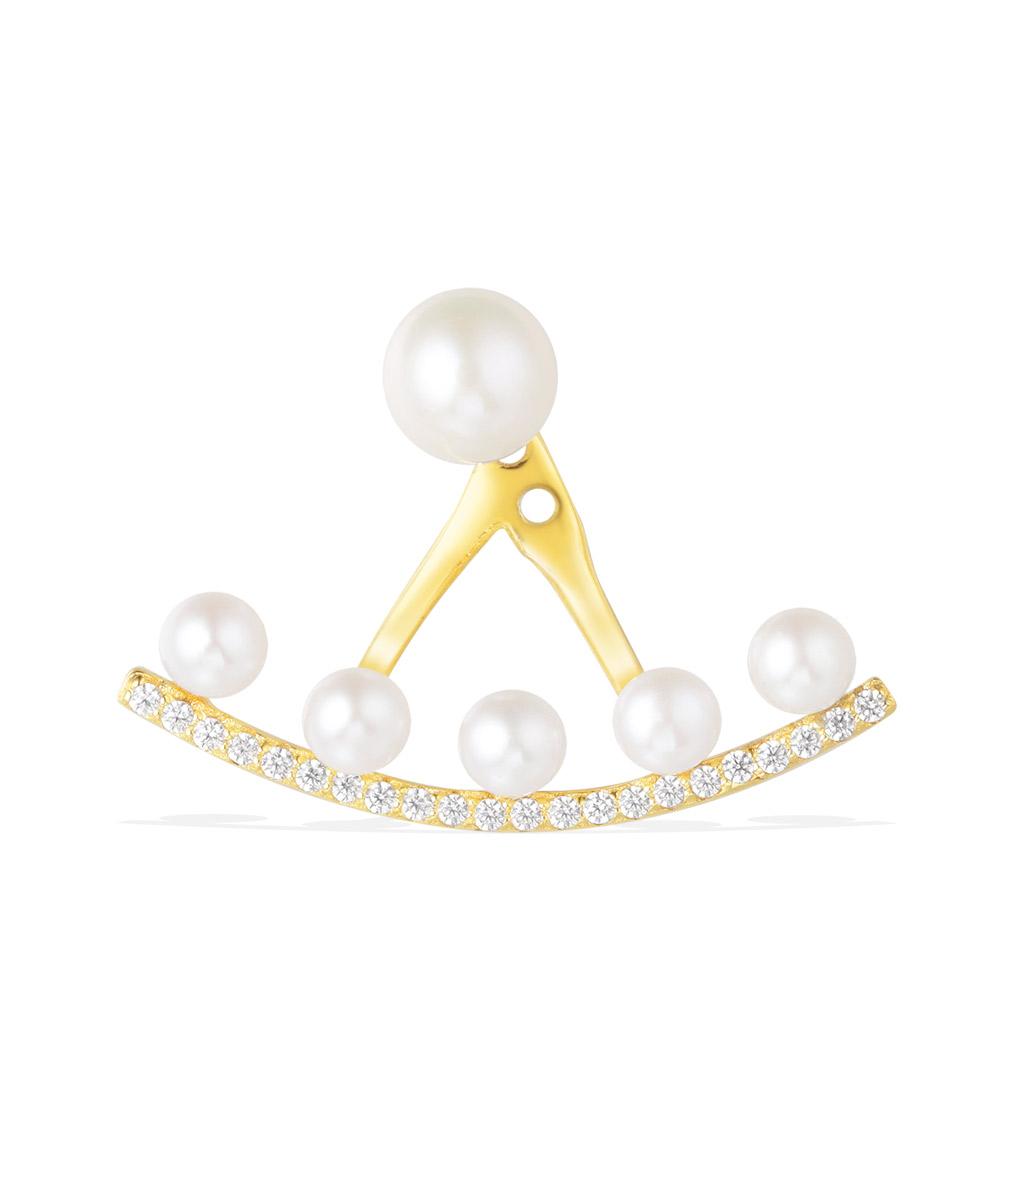 Boucle d'oreille Perles Amour (vendue à l'unité)